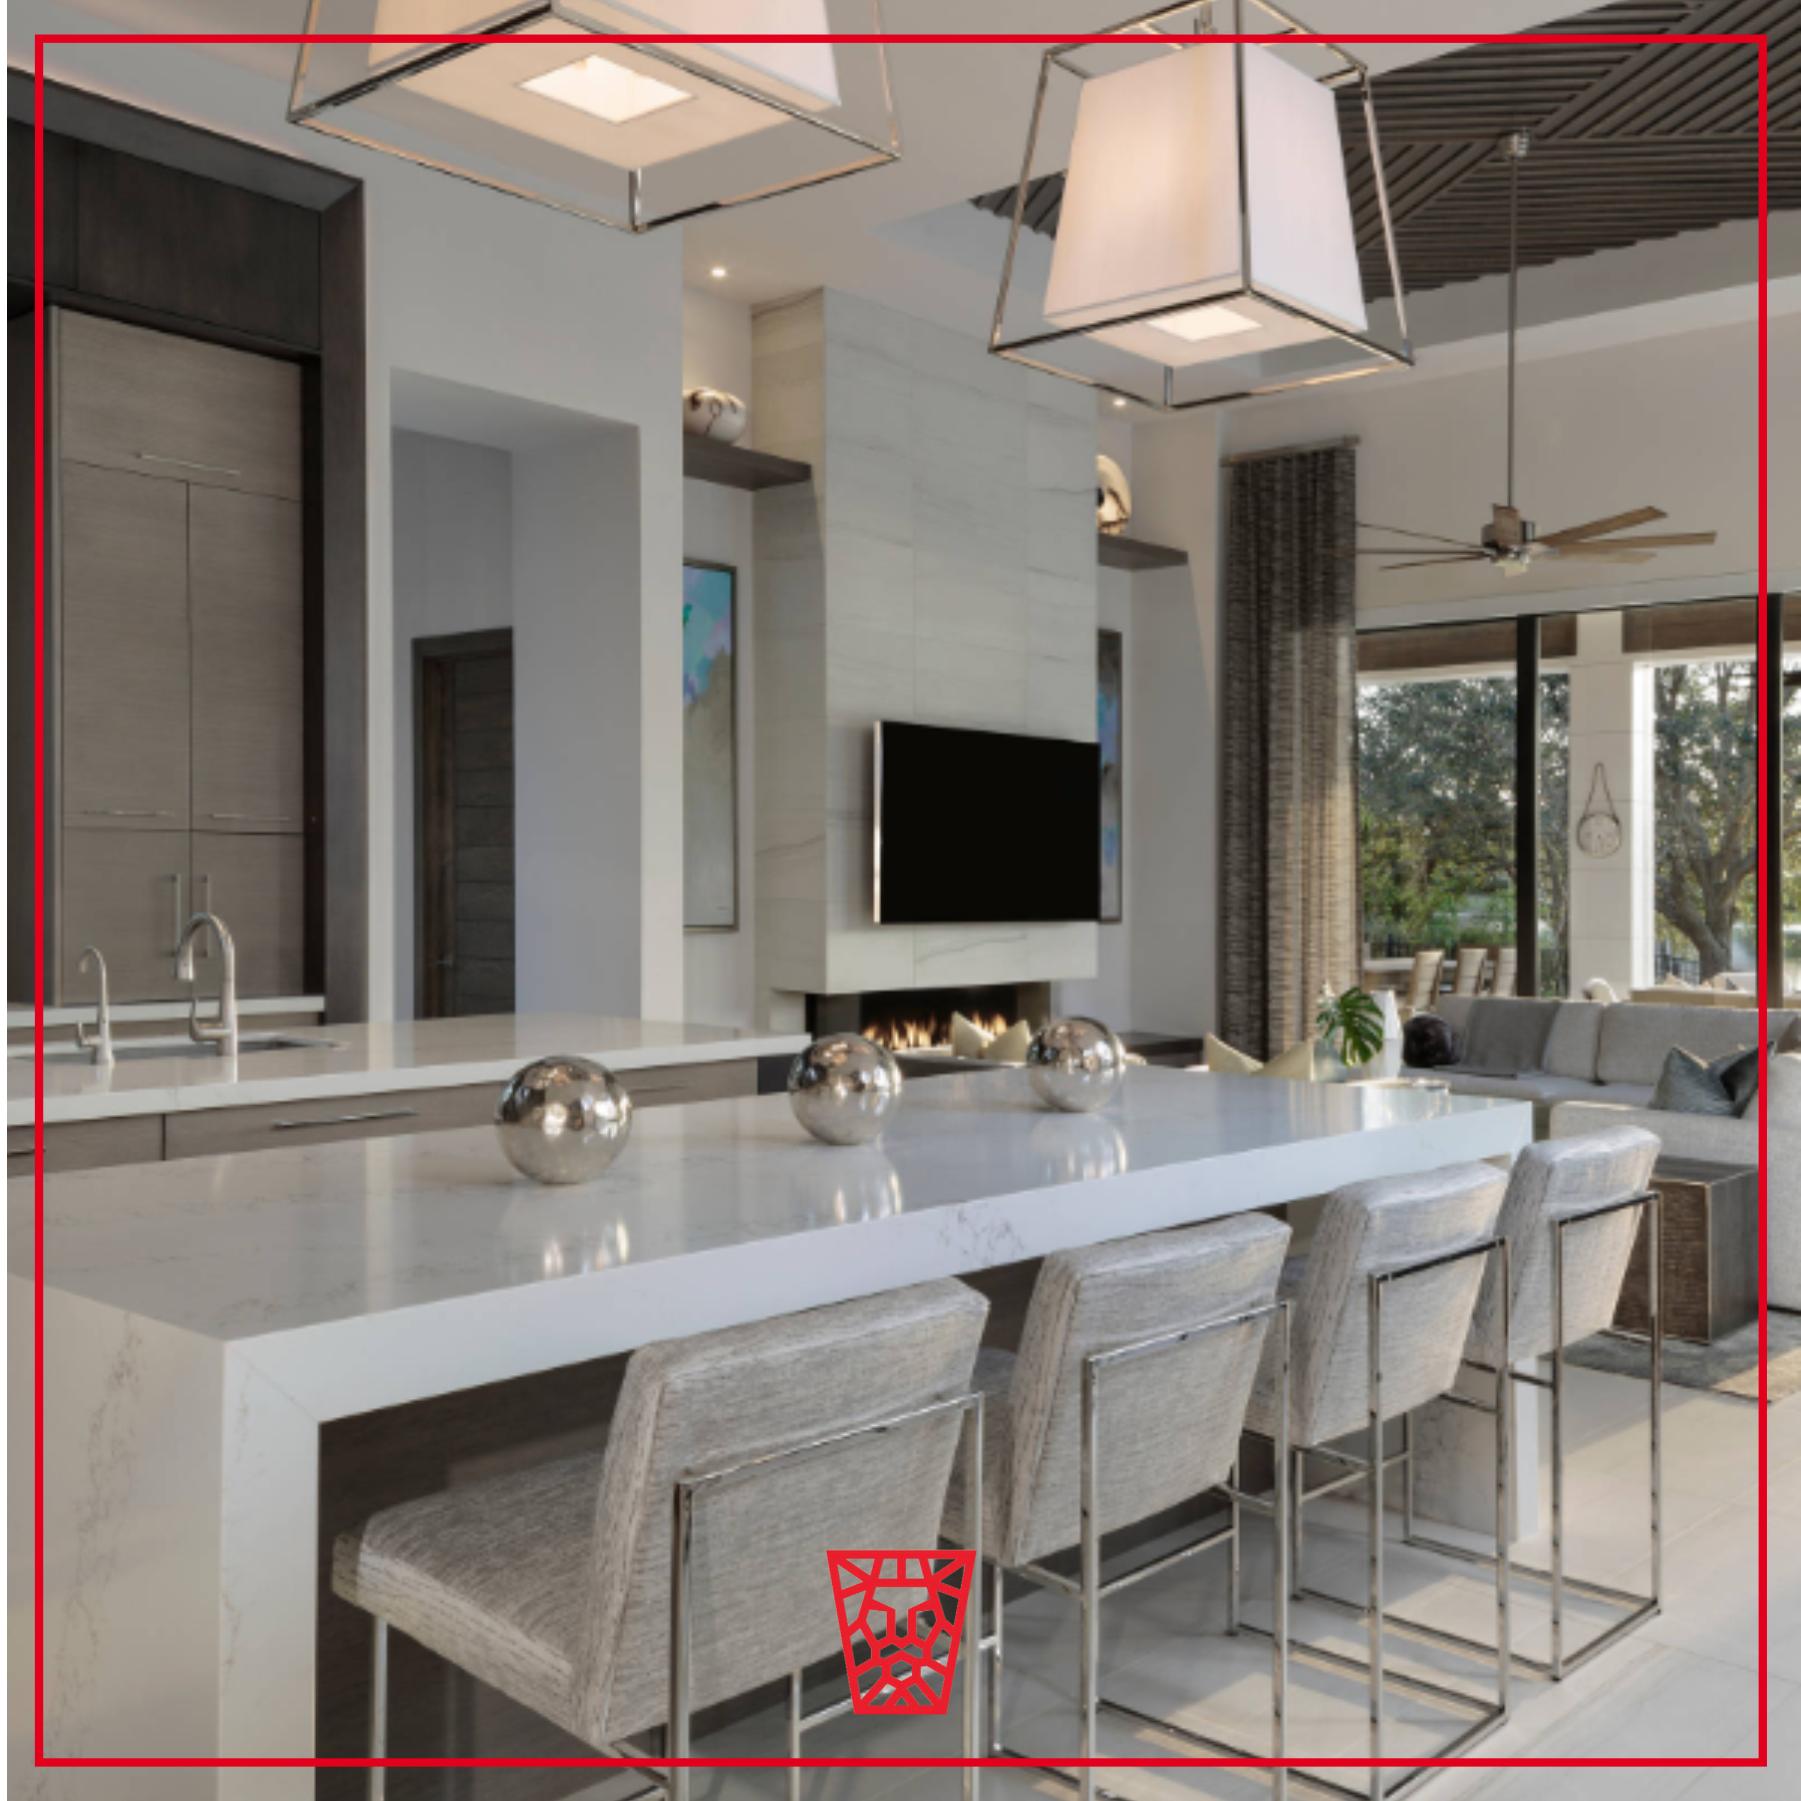 2020 Luxury Kitchen Trends